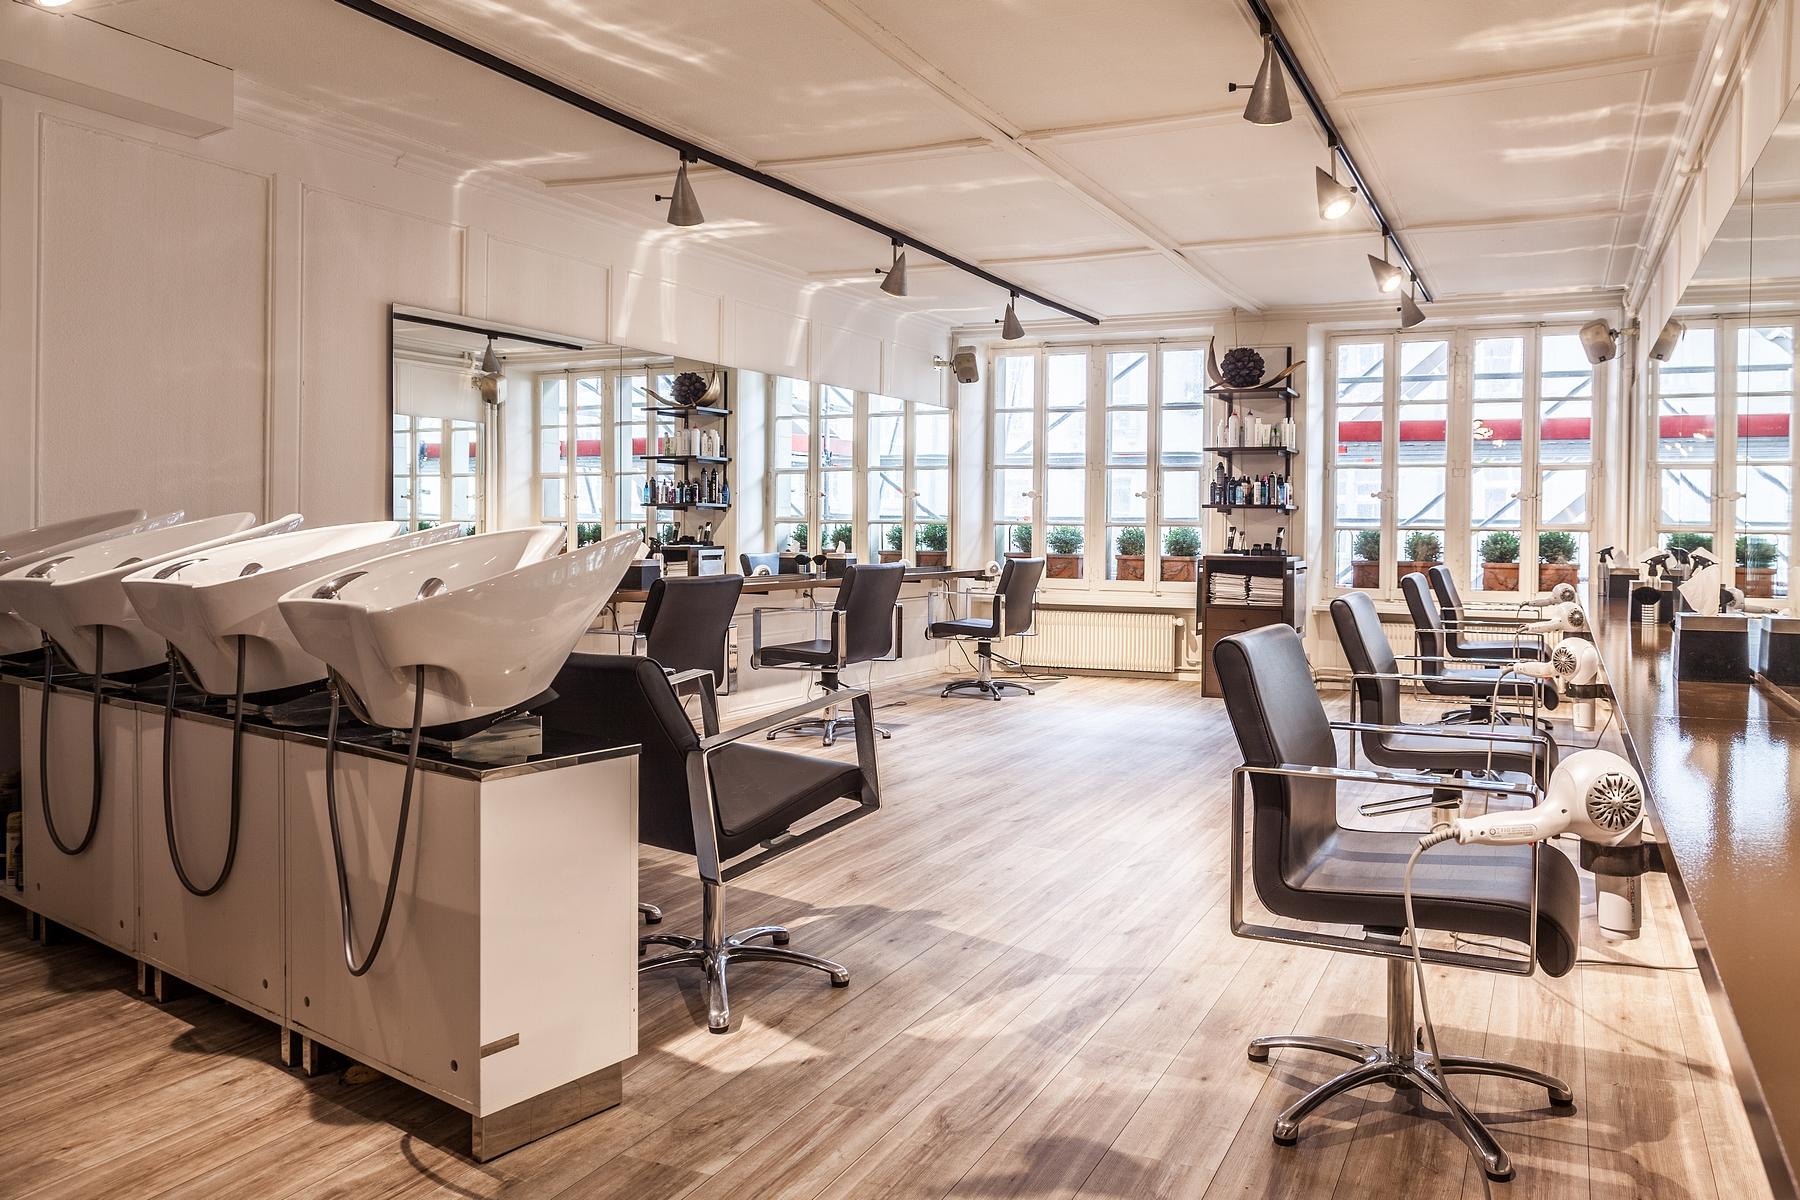 Coiffeur Bern - YVES FASHION FOR HAIR Bern